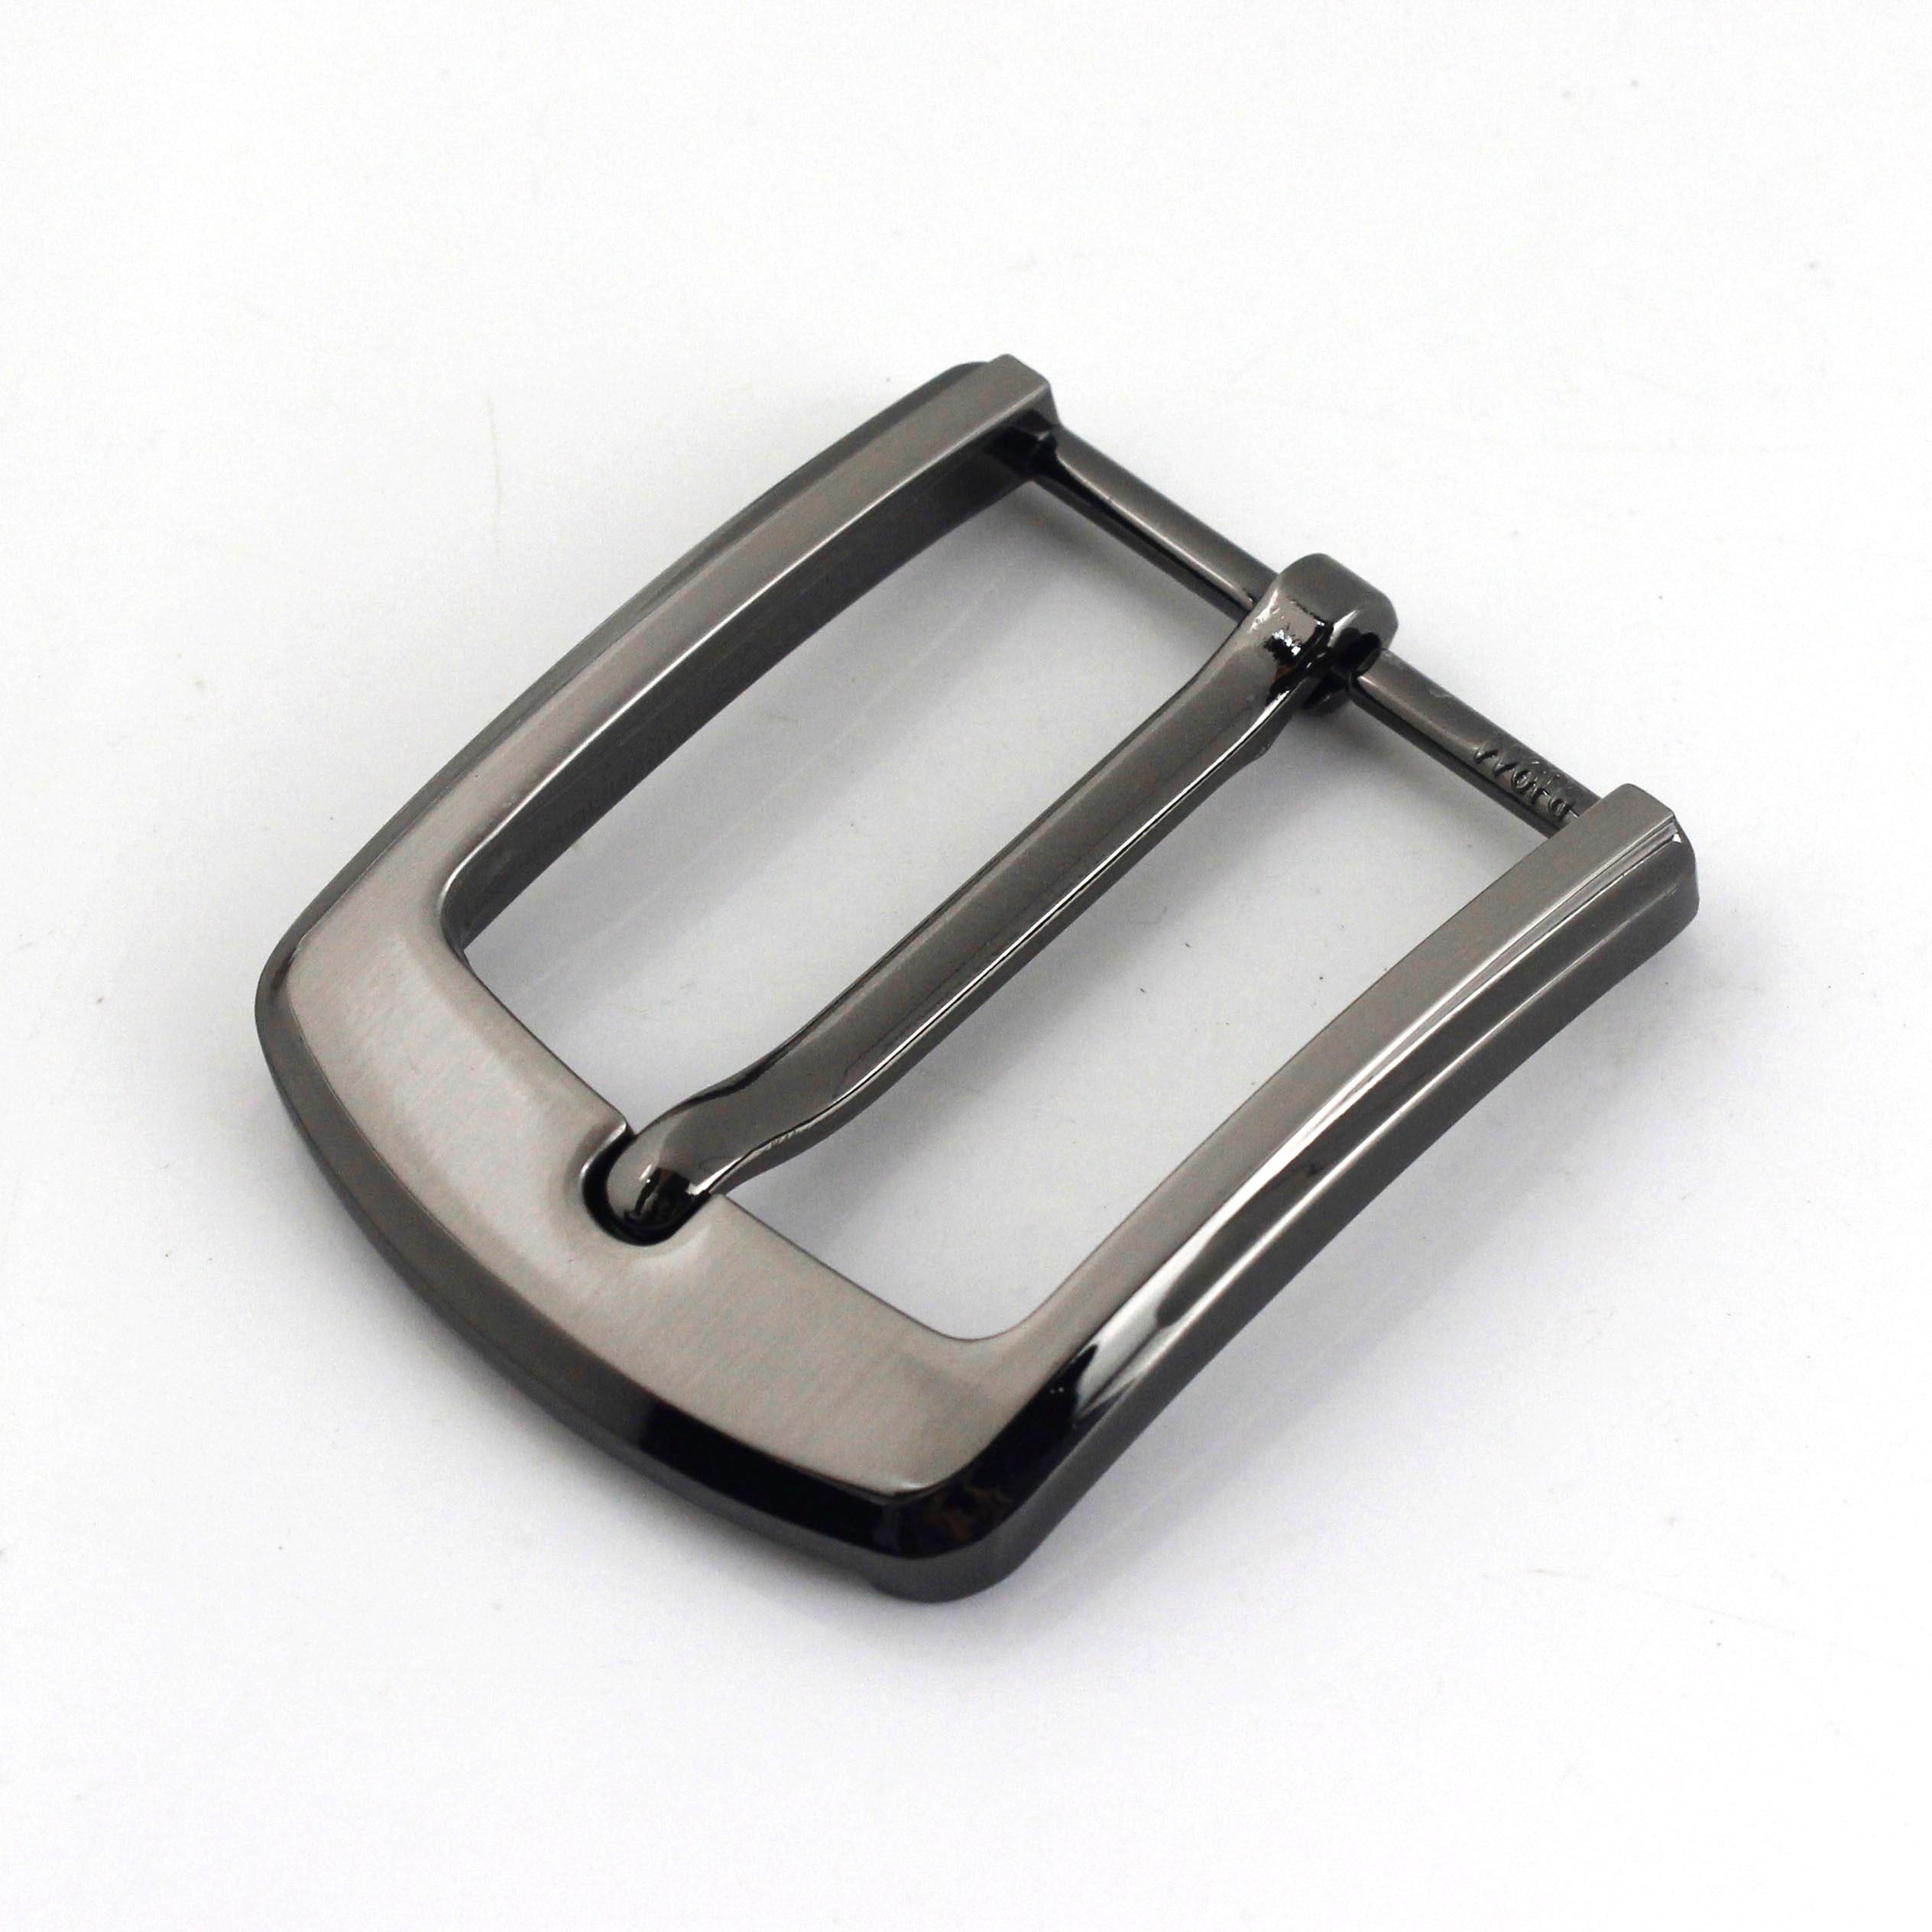 1 шт. 40 мм металлическая мужская повседневная пряжка для ремня лазерная печать Концевая штанга Пряжка для каблука с одним язычком половинчатая Пряжка кожаная Ремесленная тесьма